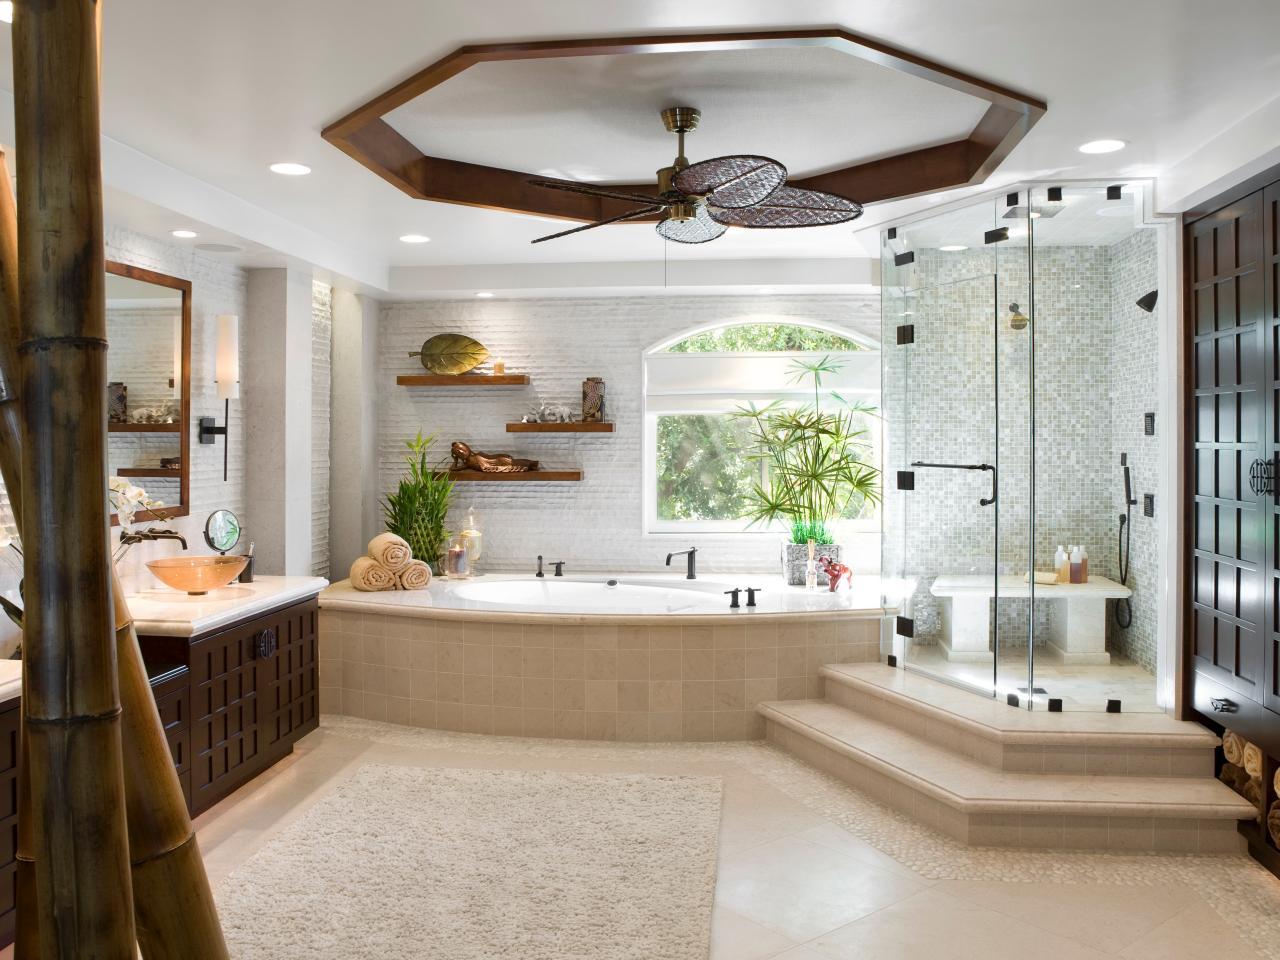 Grande salle de bain design